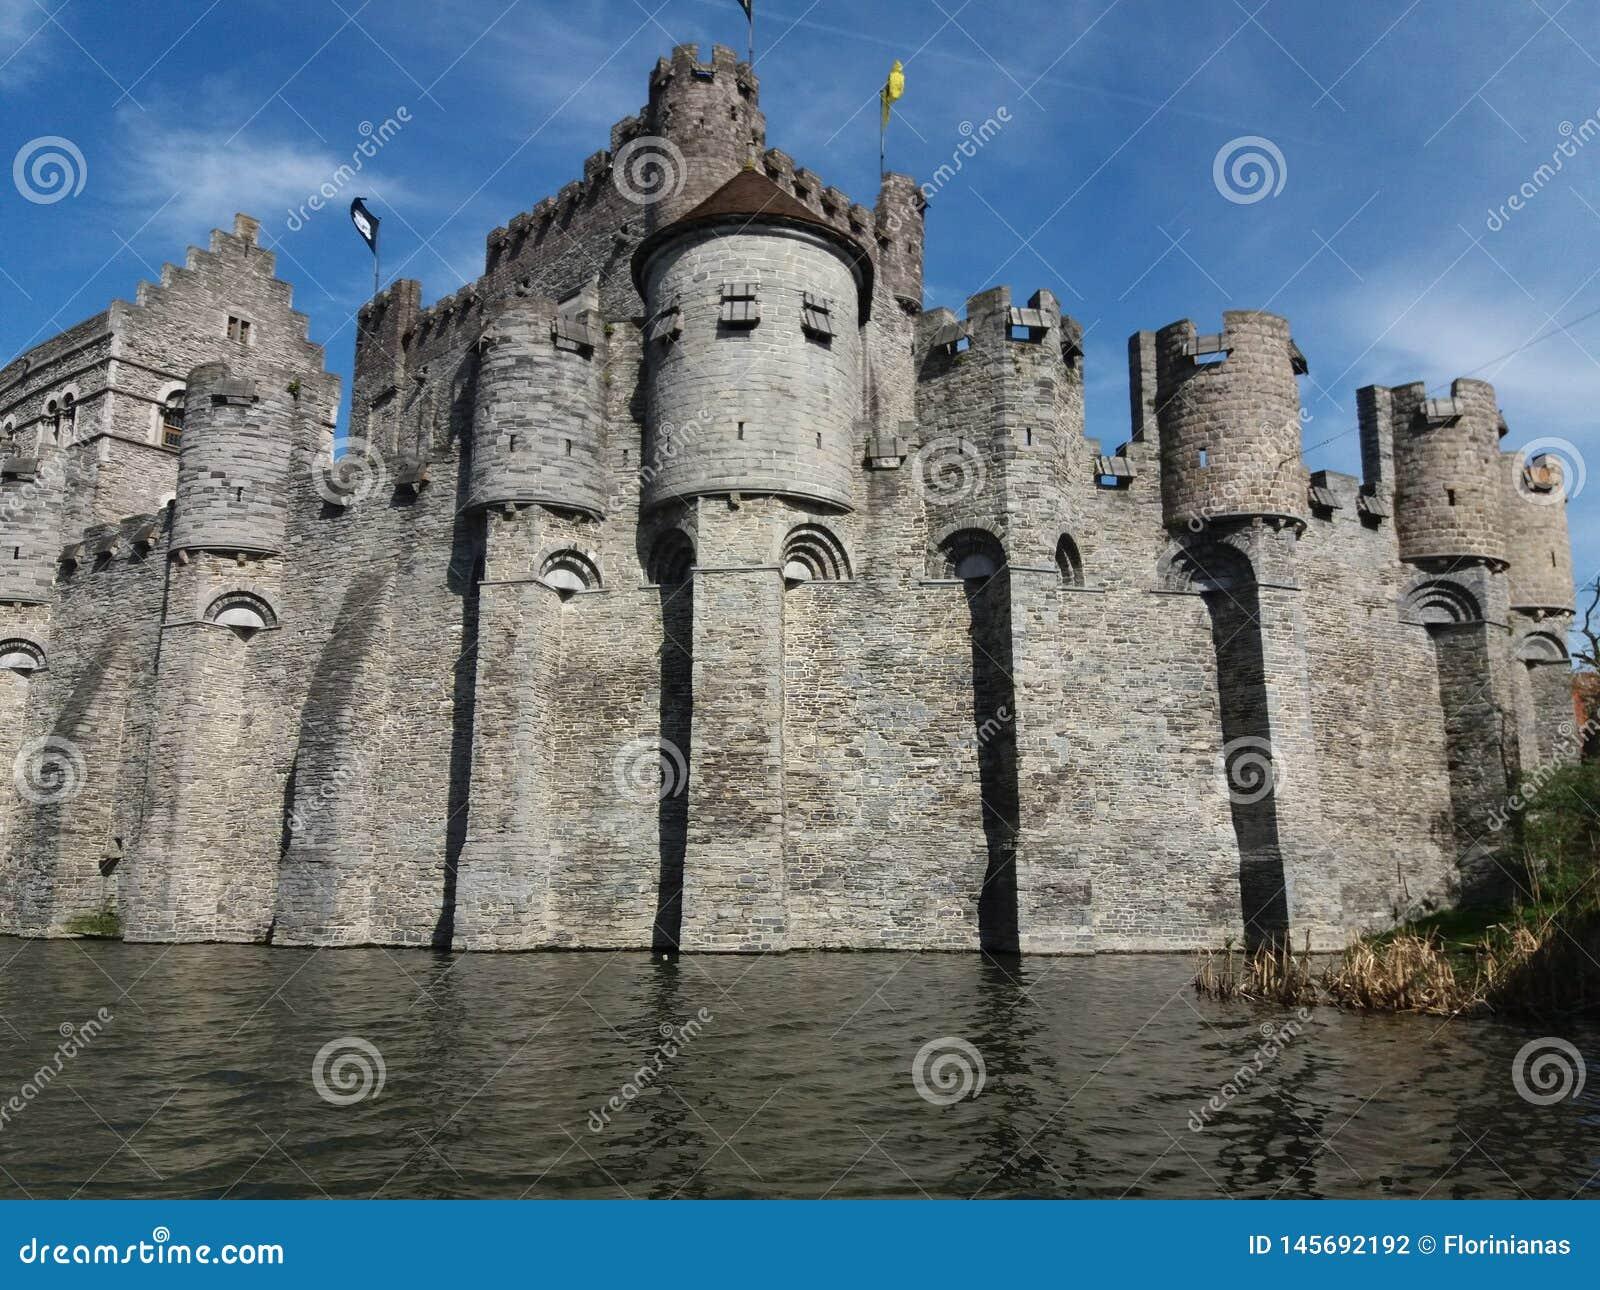 SIGNORE, BELGIO 03 25 2017 castello medievale Gravensteen o castello dei conteggi